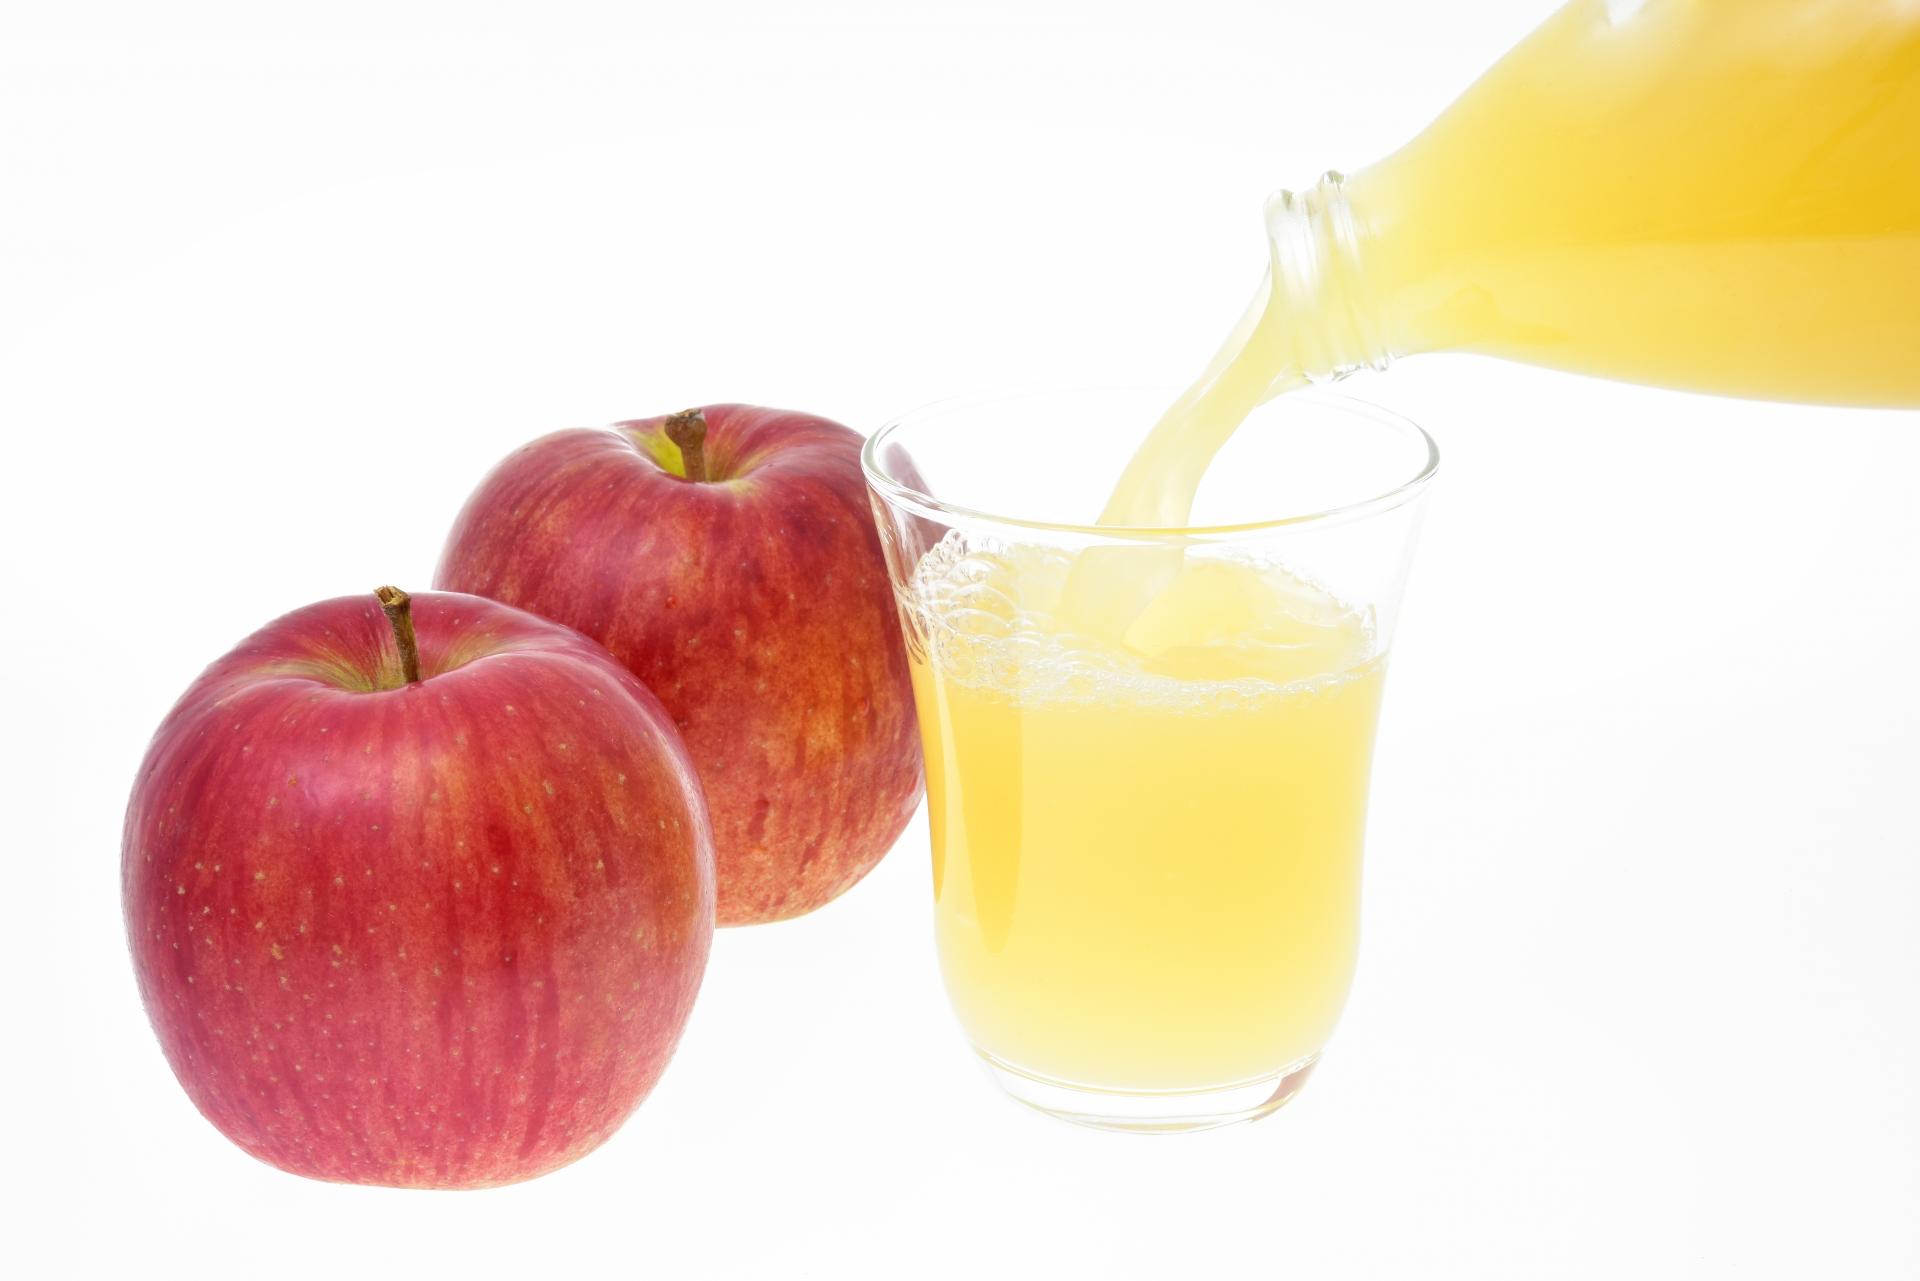 りんごの皮むきは包丁だけに意識を向けないのがポイント!